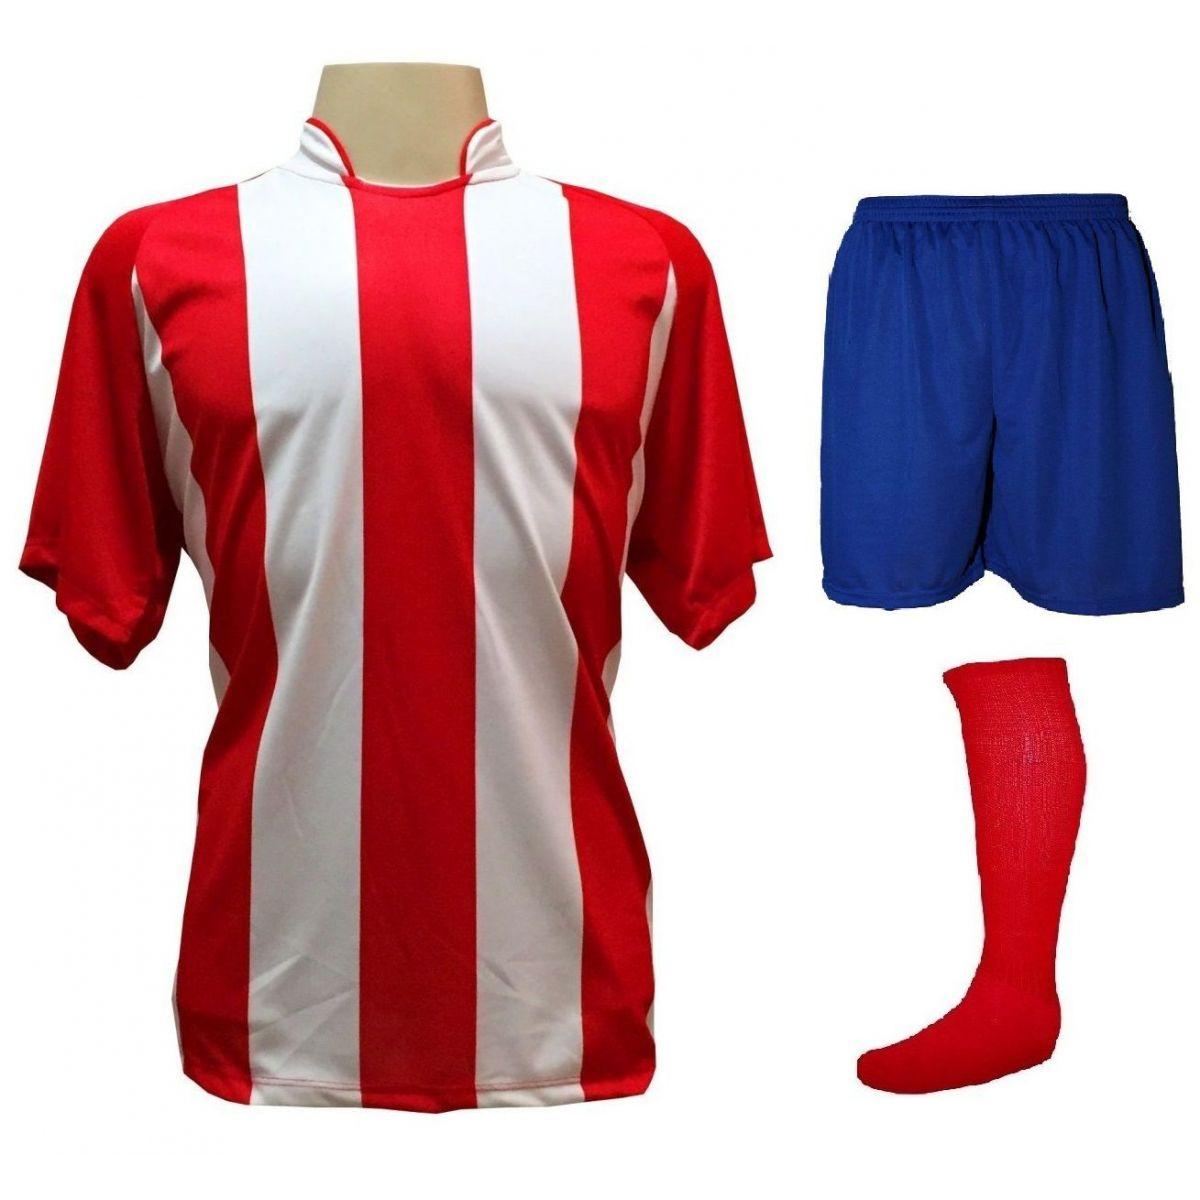 Fardamento Completo modelo Milan 18+1 (18 Camisas Vermelho/Branco + 18 Calções Madrid Royal + 18 Pares de Meiões Vermelhos + 1 Conjunto de Goleiro) + Brindes